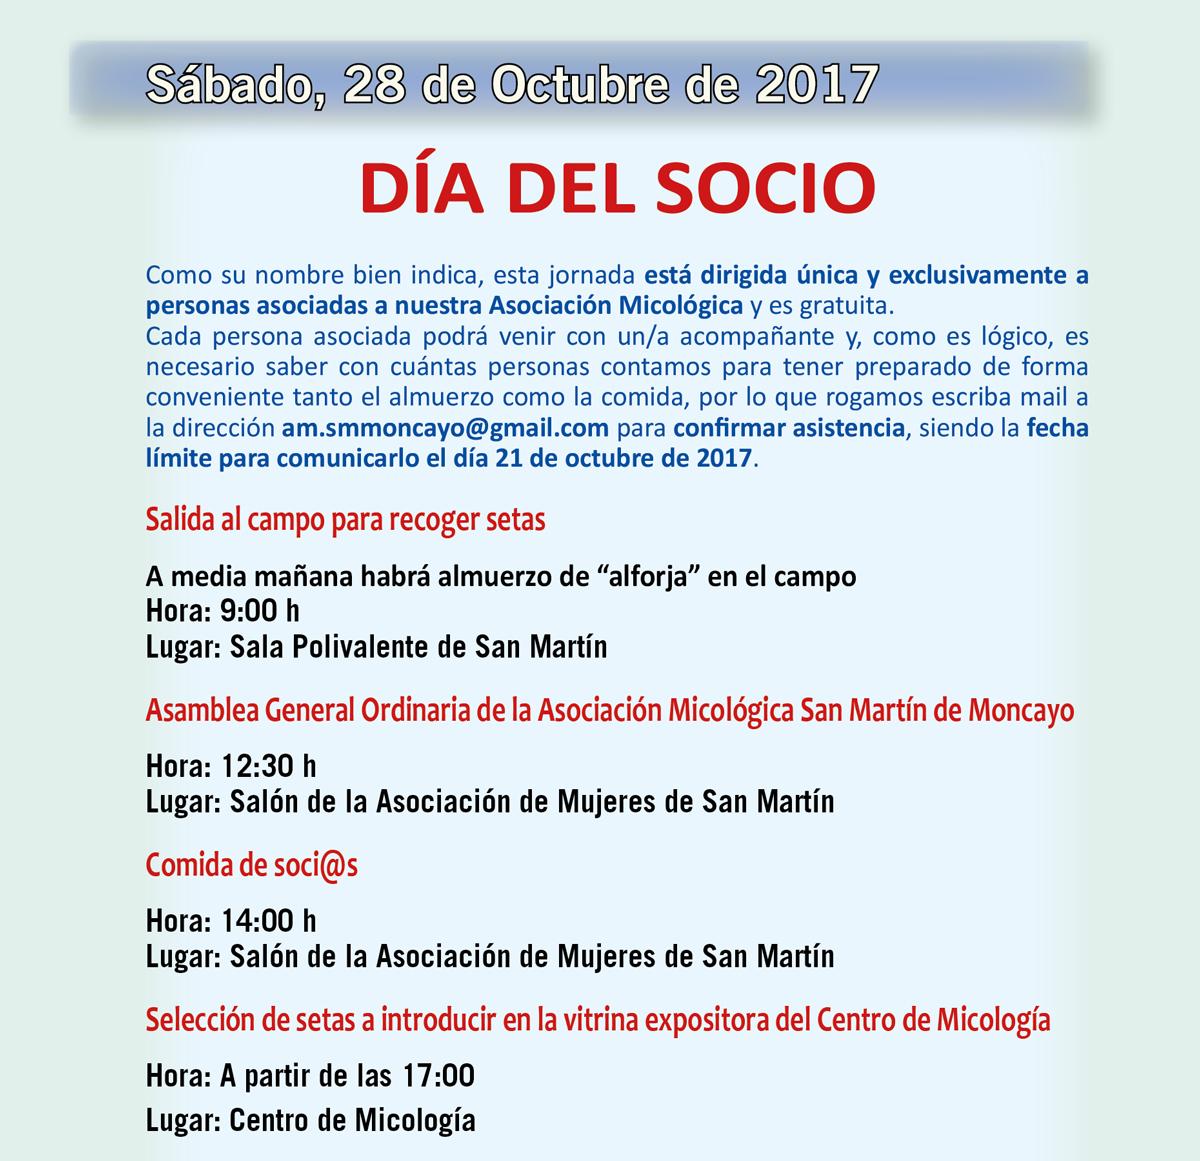 XIV Jornadas Micológicas Otoño 2017 #MicoMoncayo - San Martín de la Virgen de Moncayo - Actividades 28 de octubre de 2017